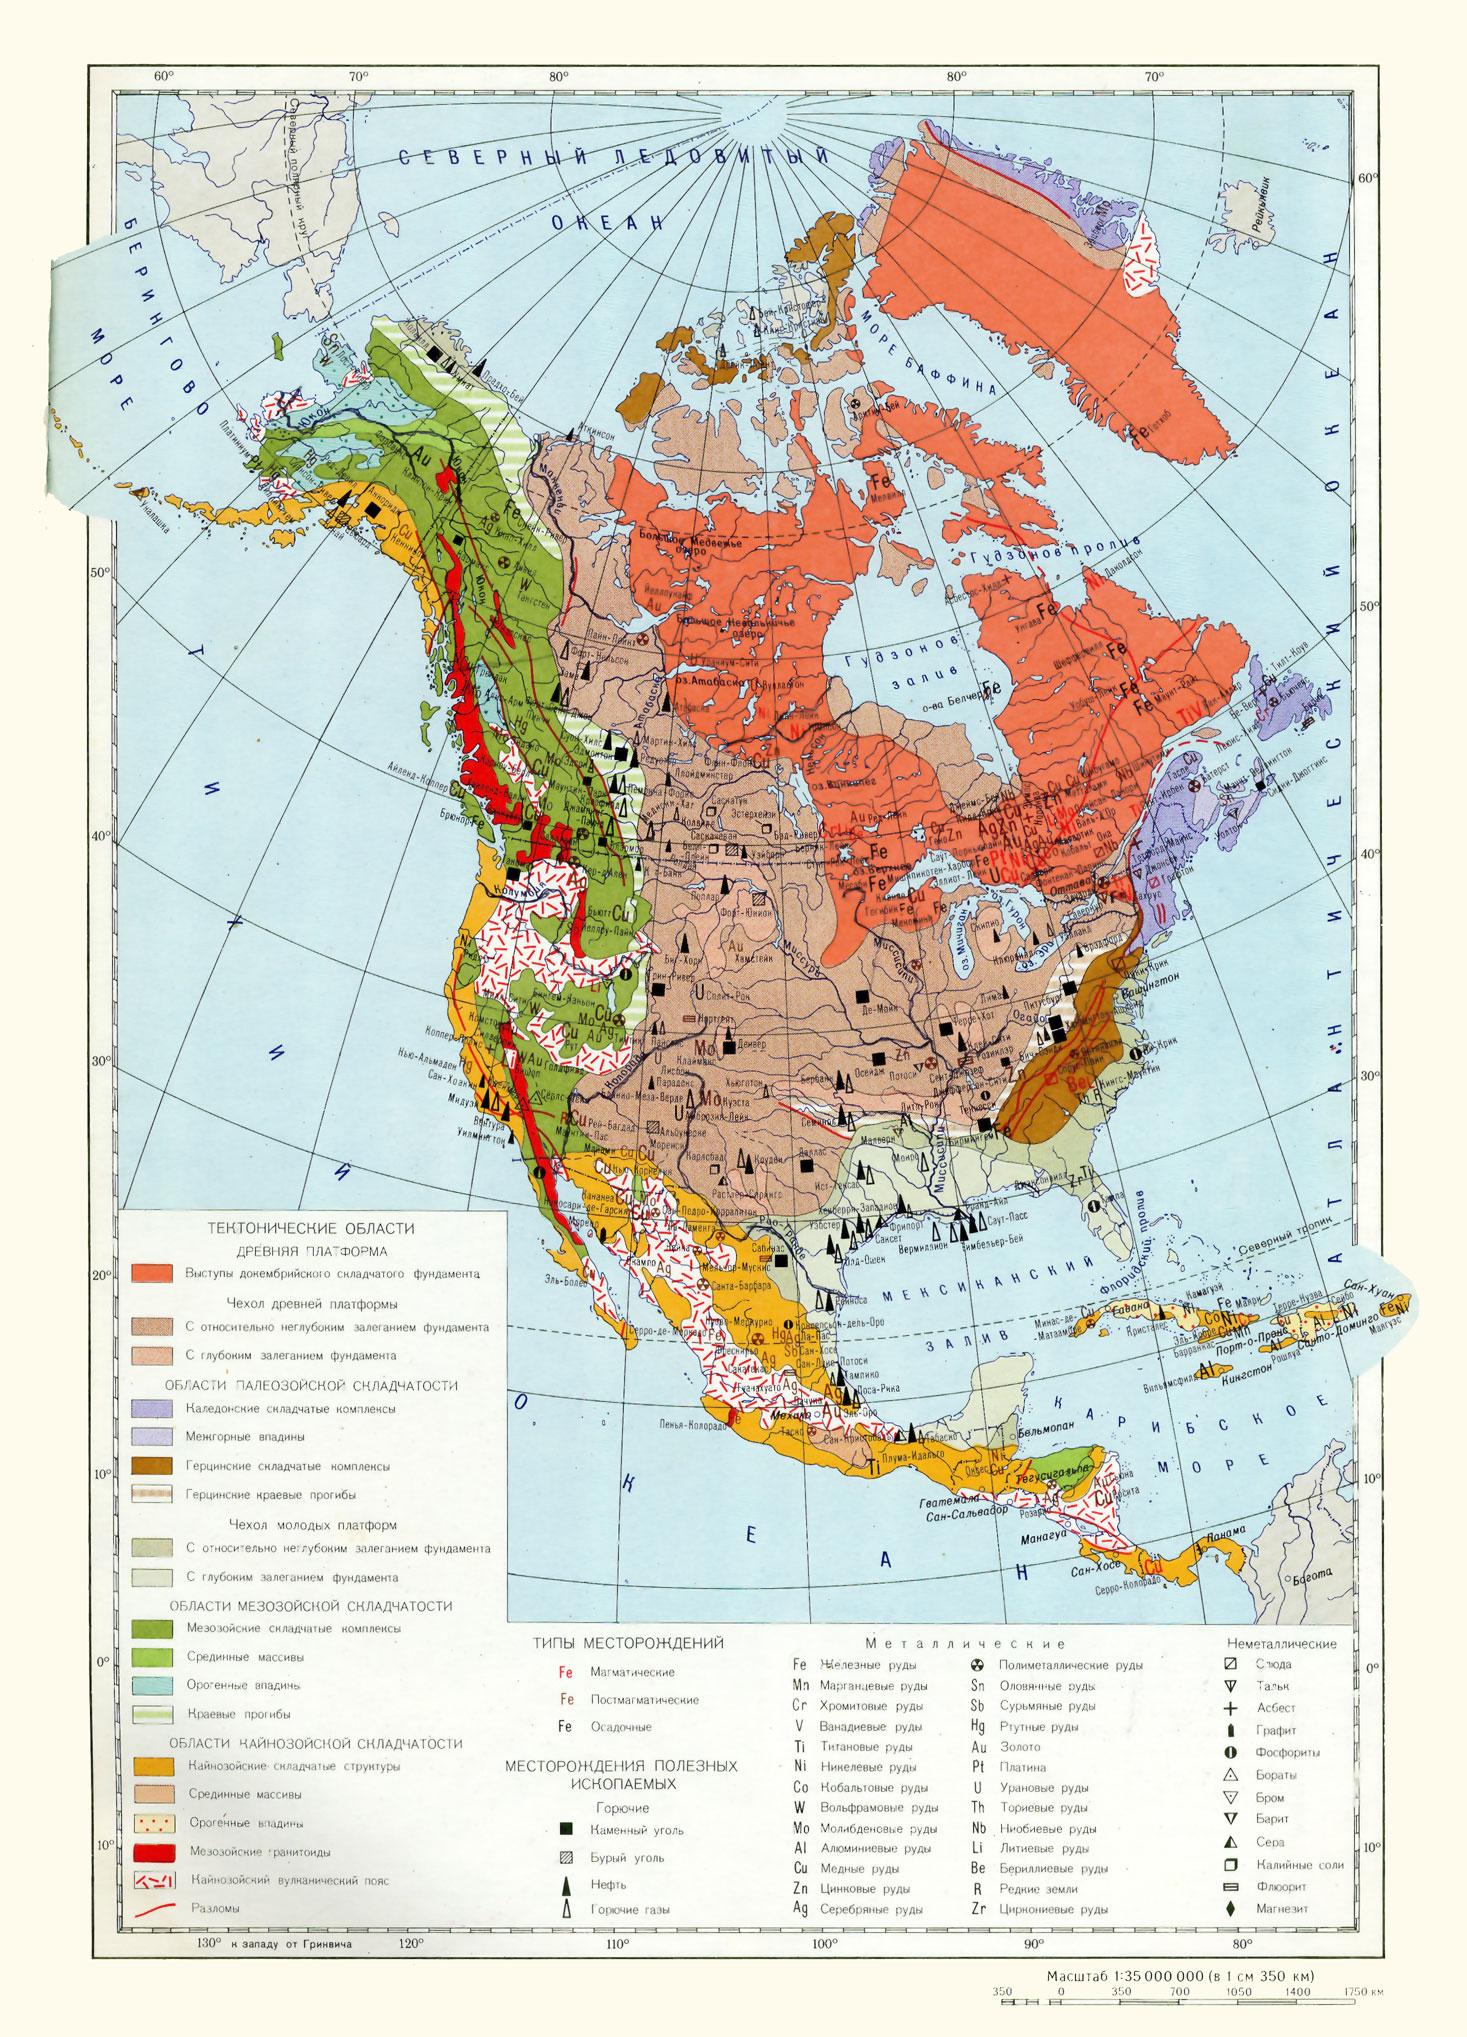 Северная америка месторождения